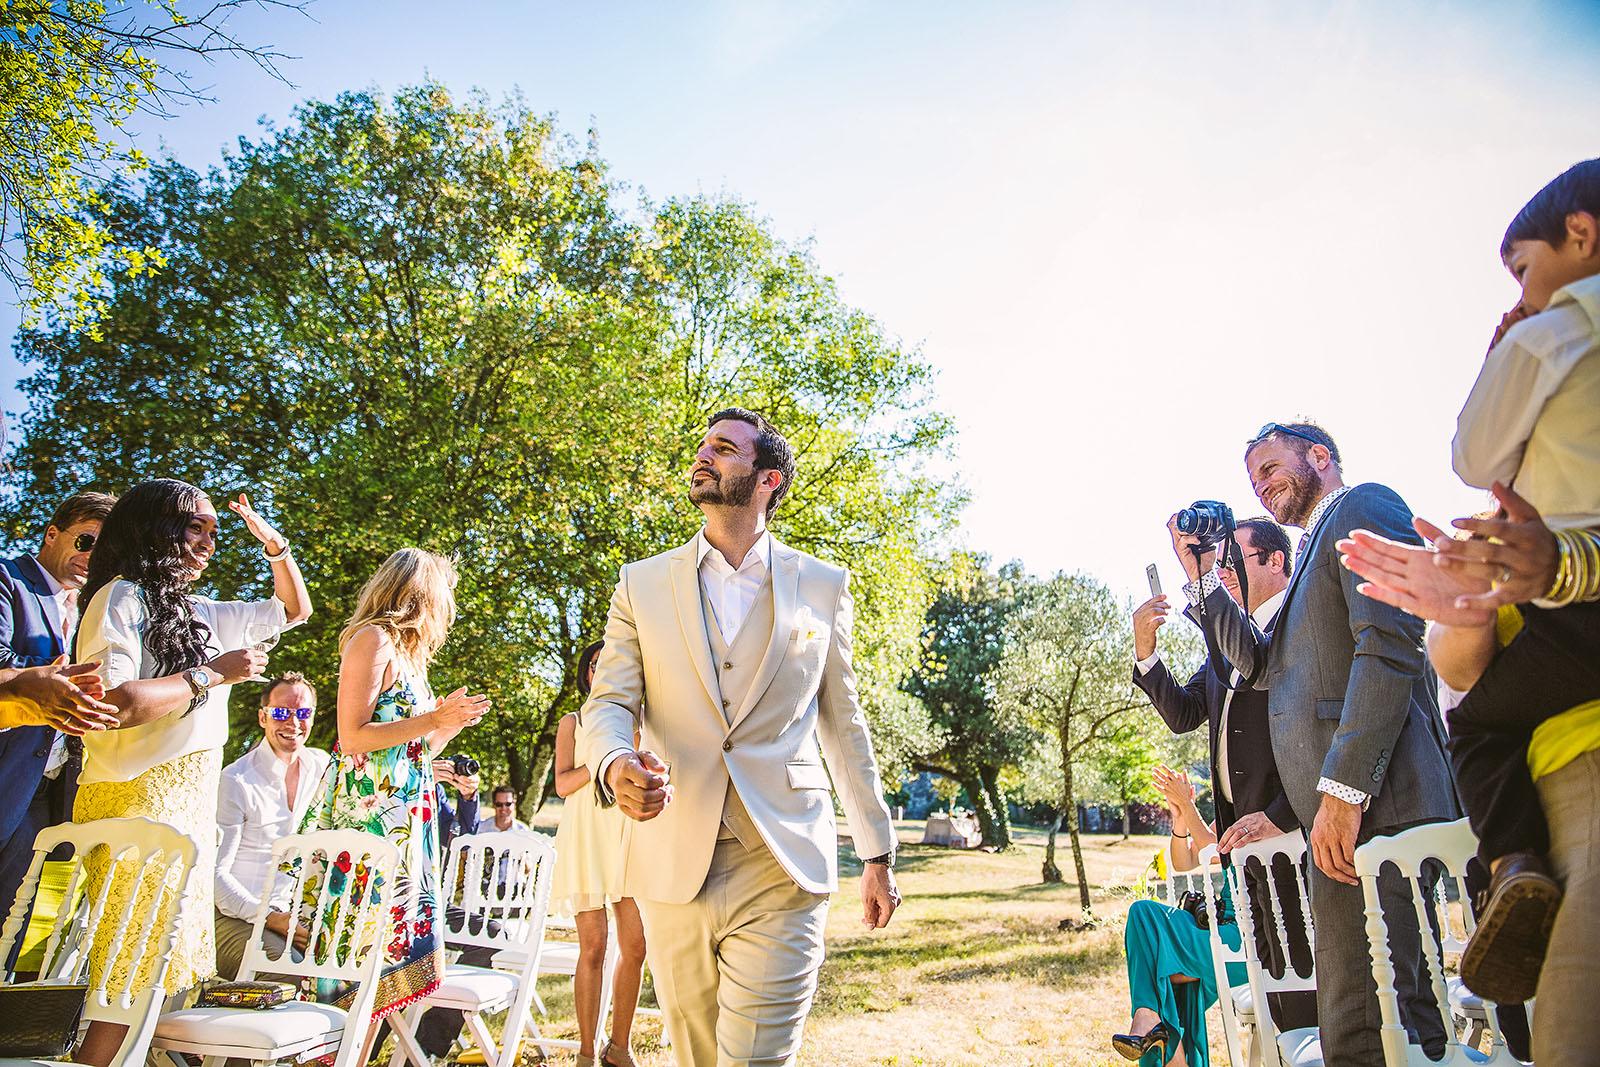 Mariage Mas de La Rouquette. David Pommier photographe de mariage. Arrivé du marié à la cérémonie laïque